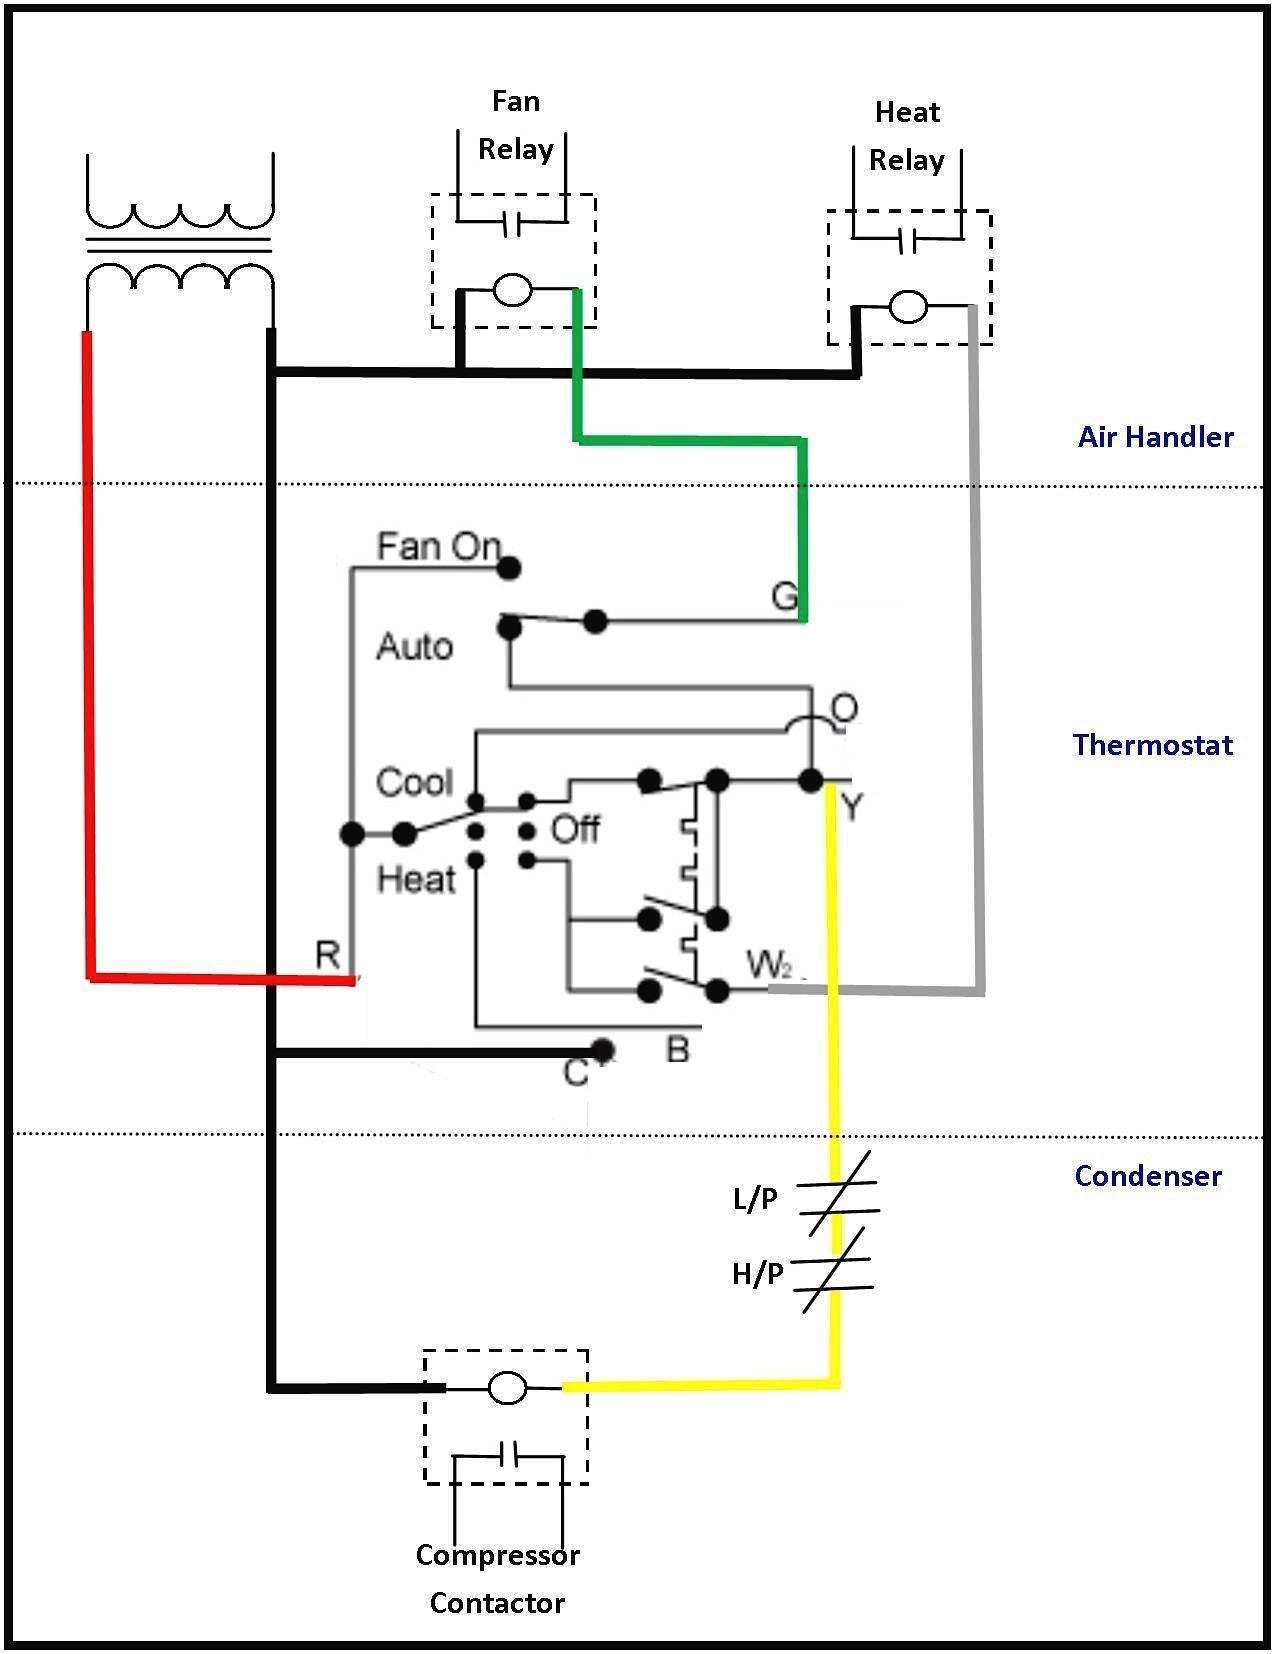 ... Rheem Oil Furnace Wiring Diagram Wiring Diagram Sample Rheem Furnace  Relay Rheem Furnace Wiring Schematic